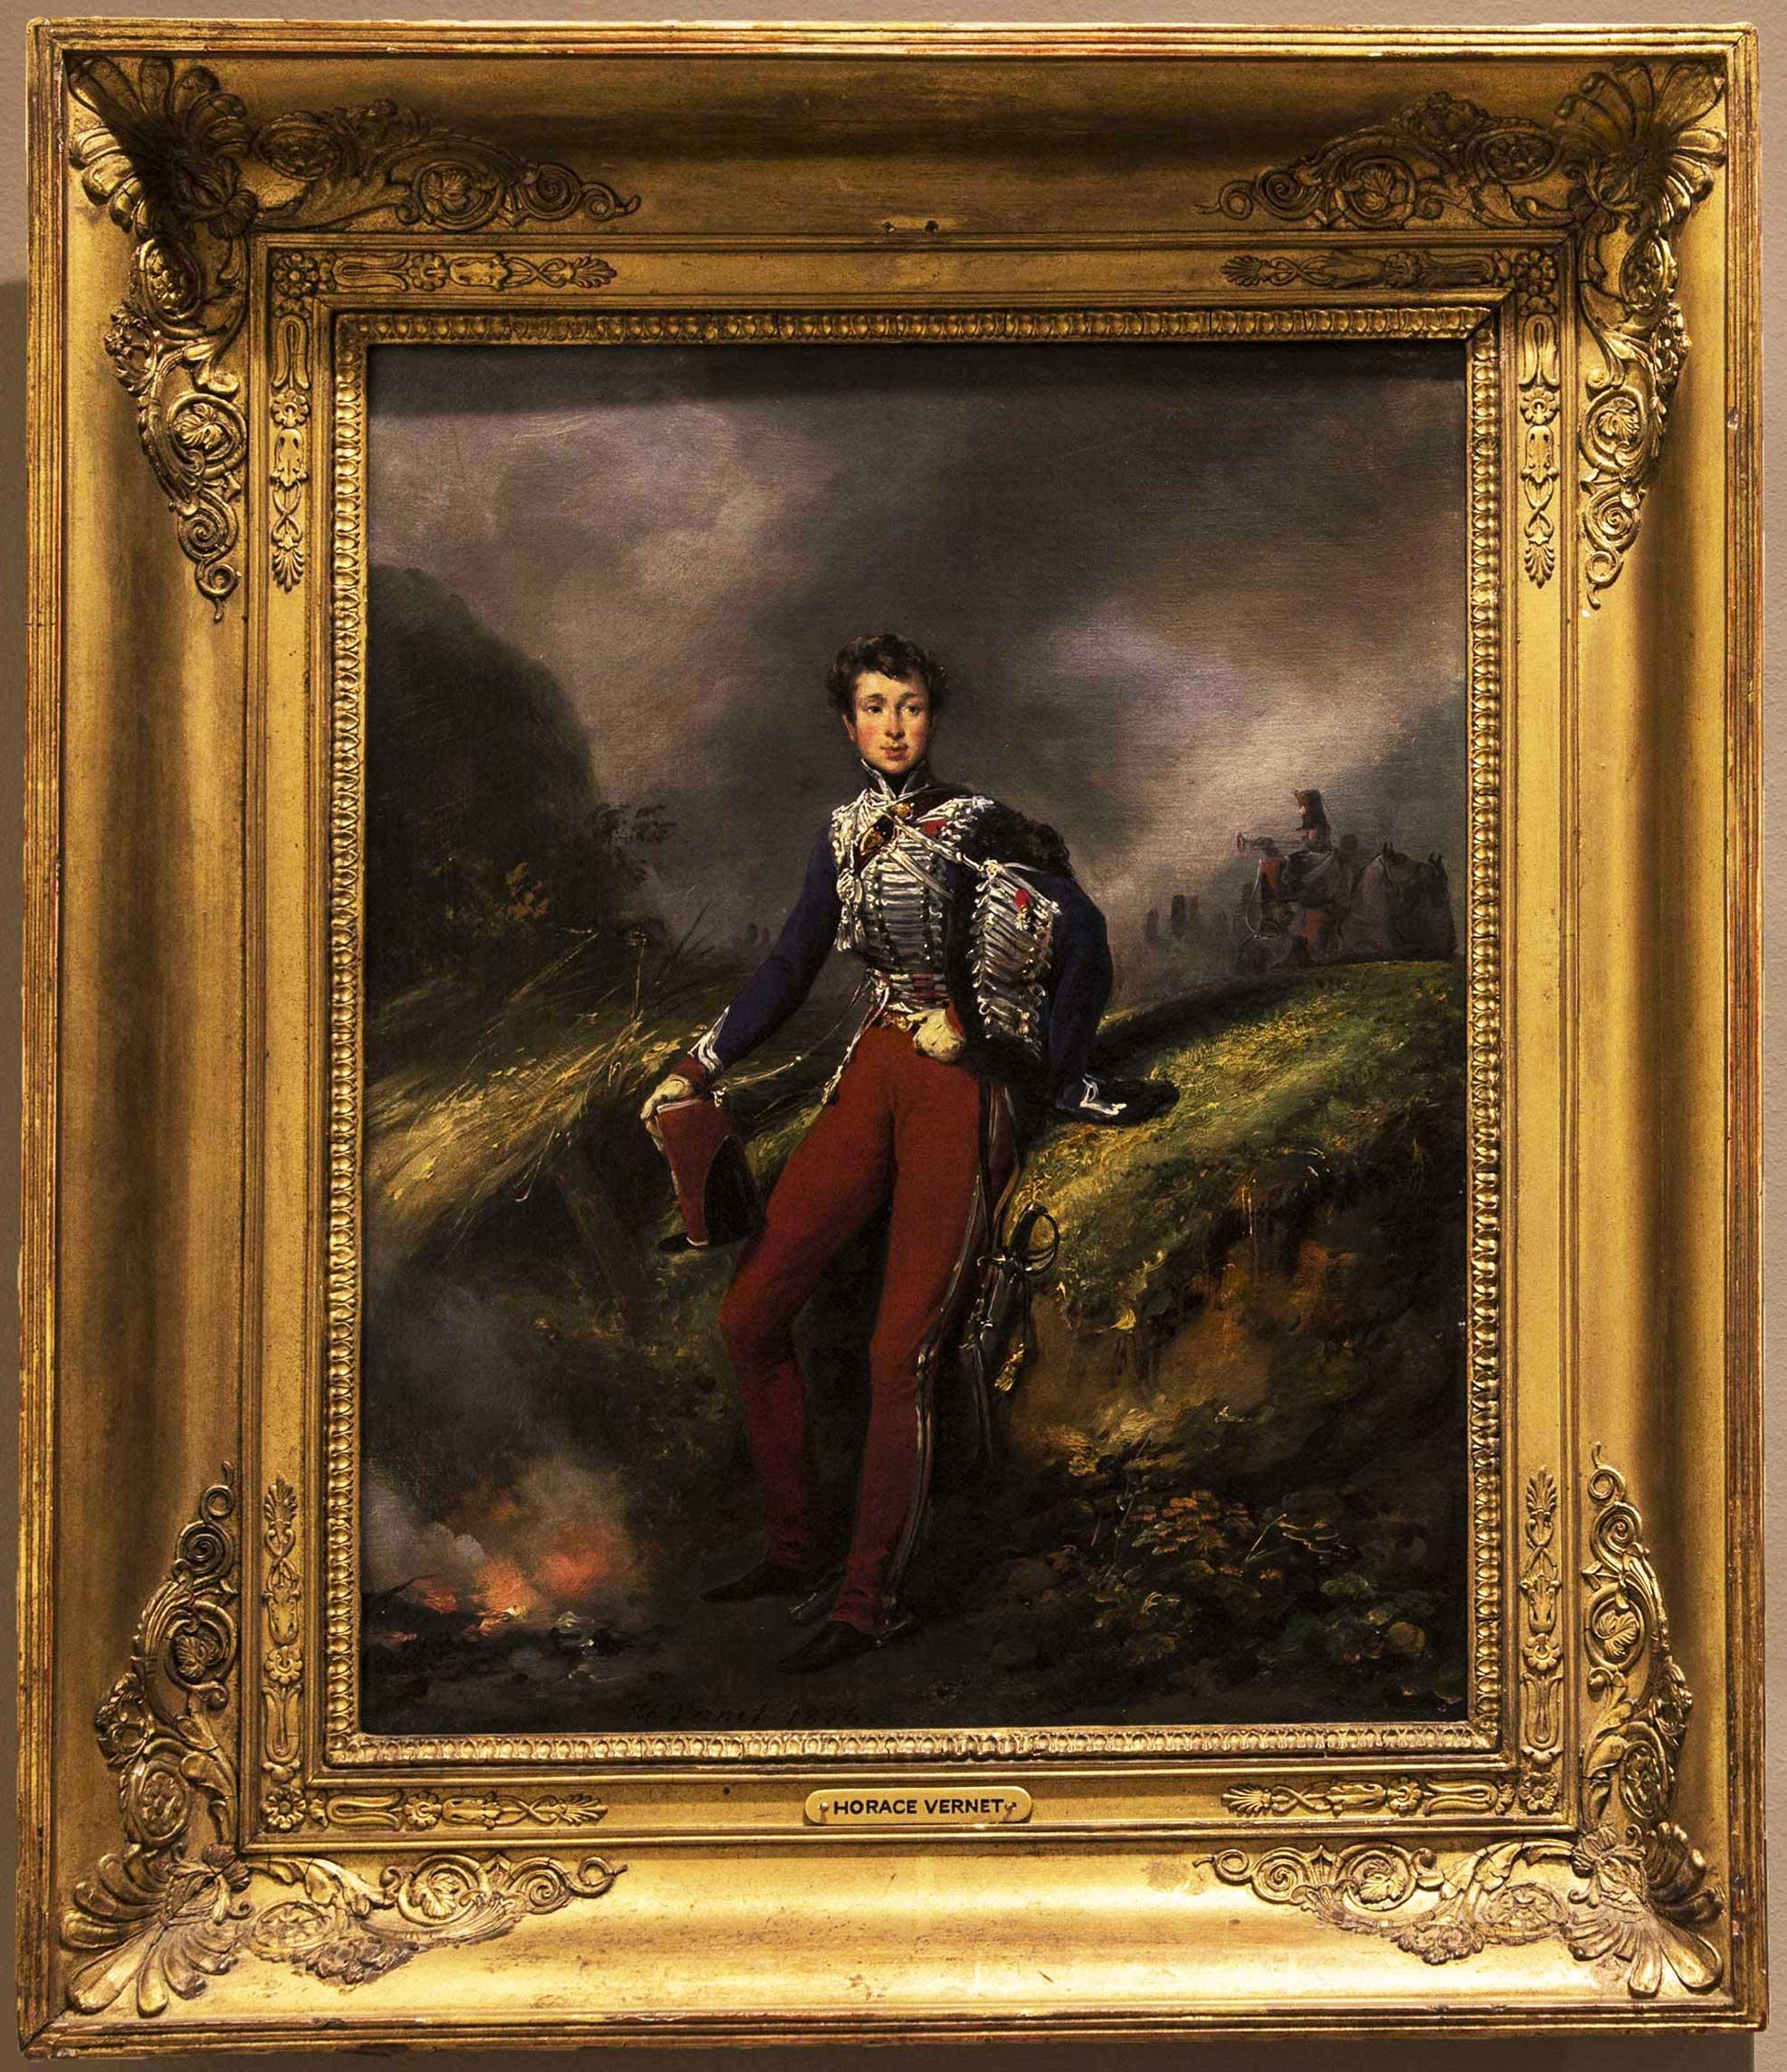 <em>Portrait of Jacques Marie Emmanuel FitzJames</em><br/>Emile-Jean-Horace-Vernet (1789-1863)<br/>